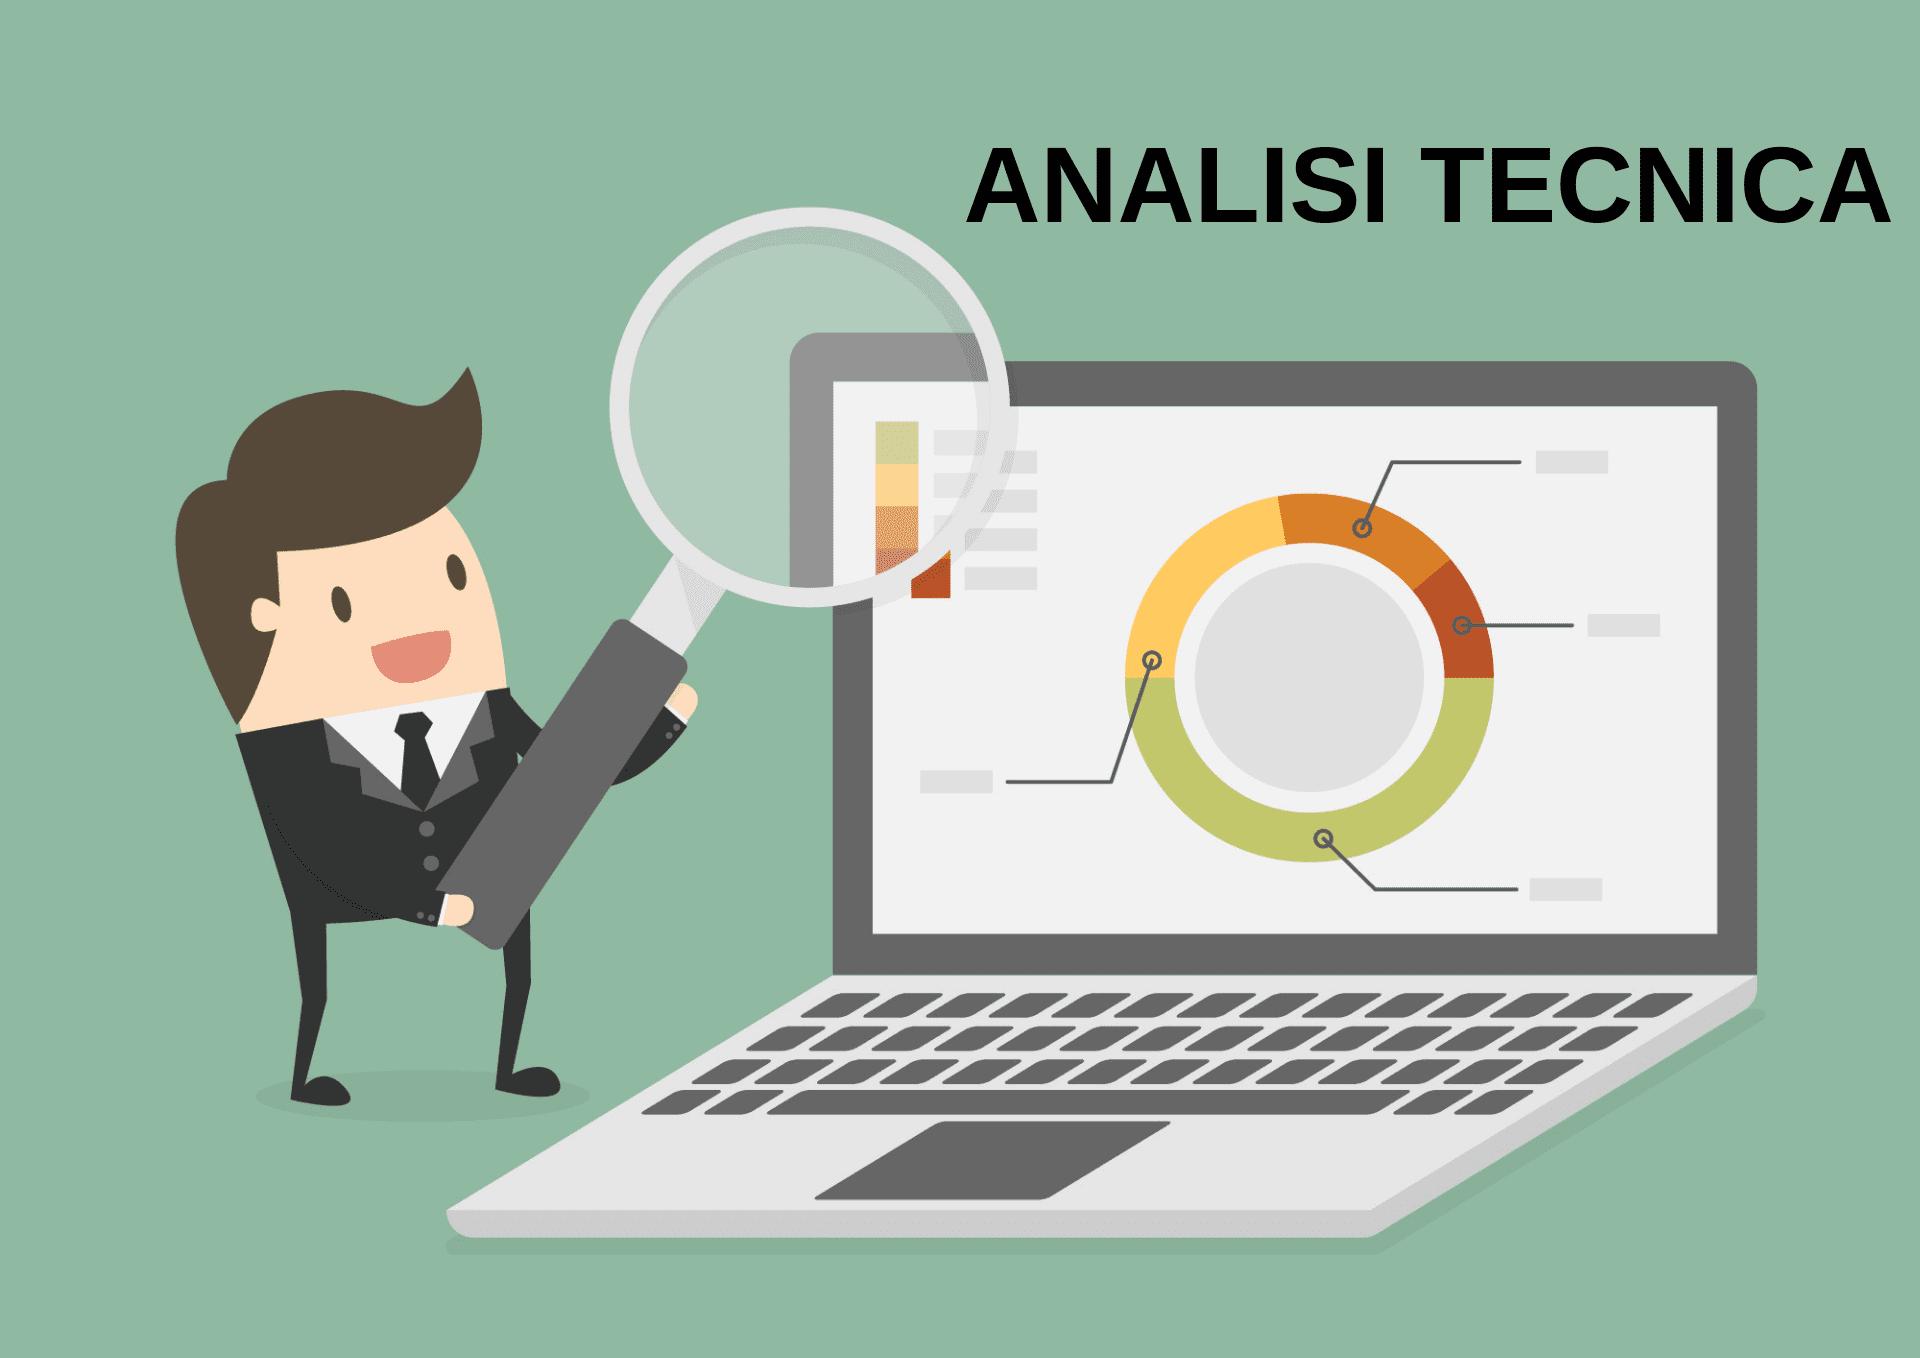 Analisi Tecnica: Guida completa per impararla - blogger.com